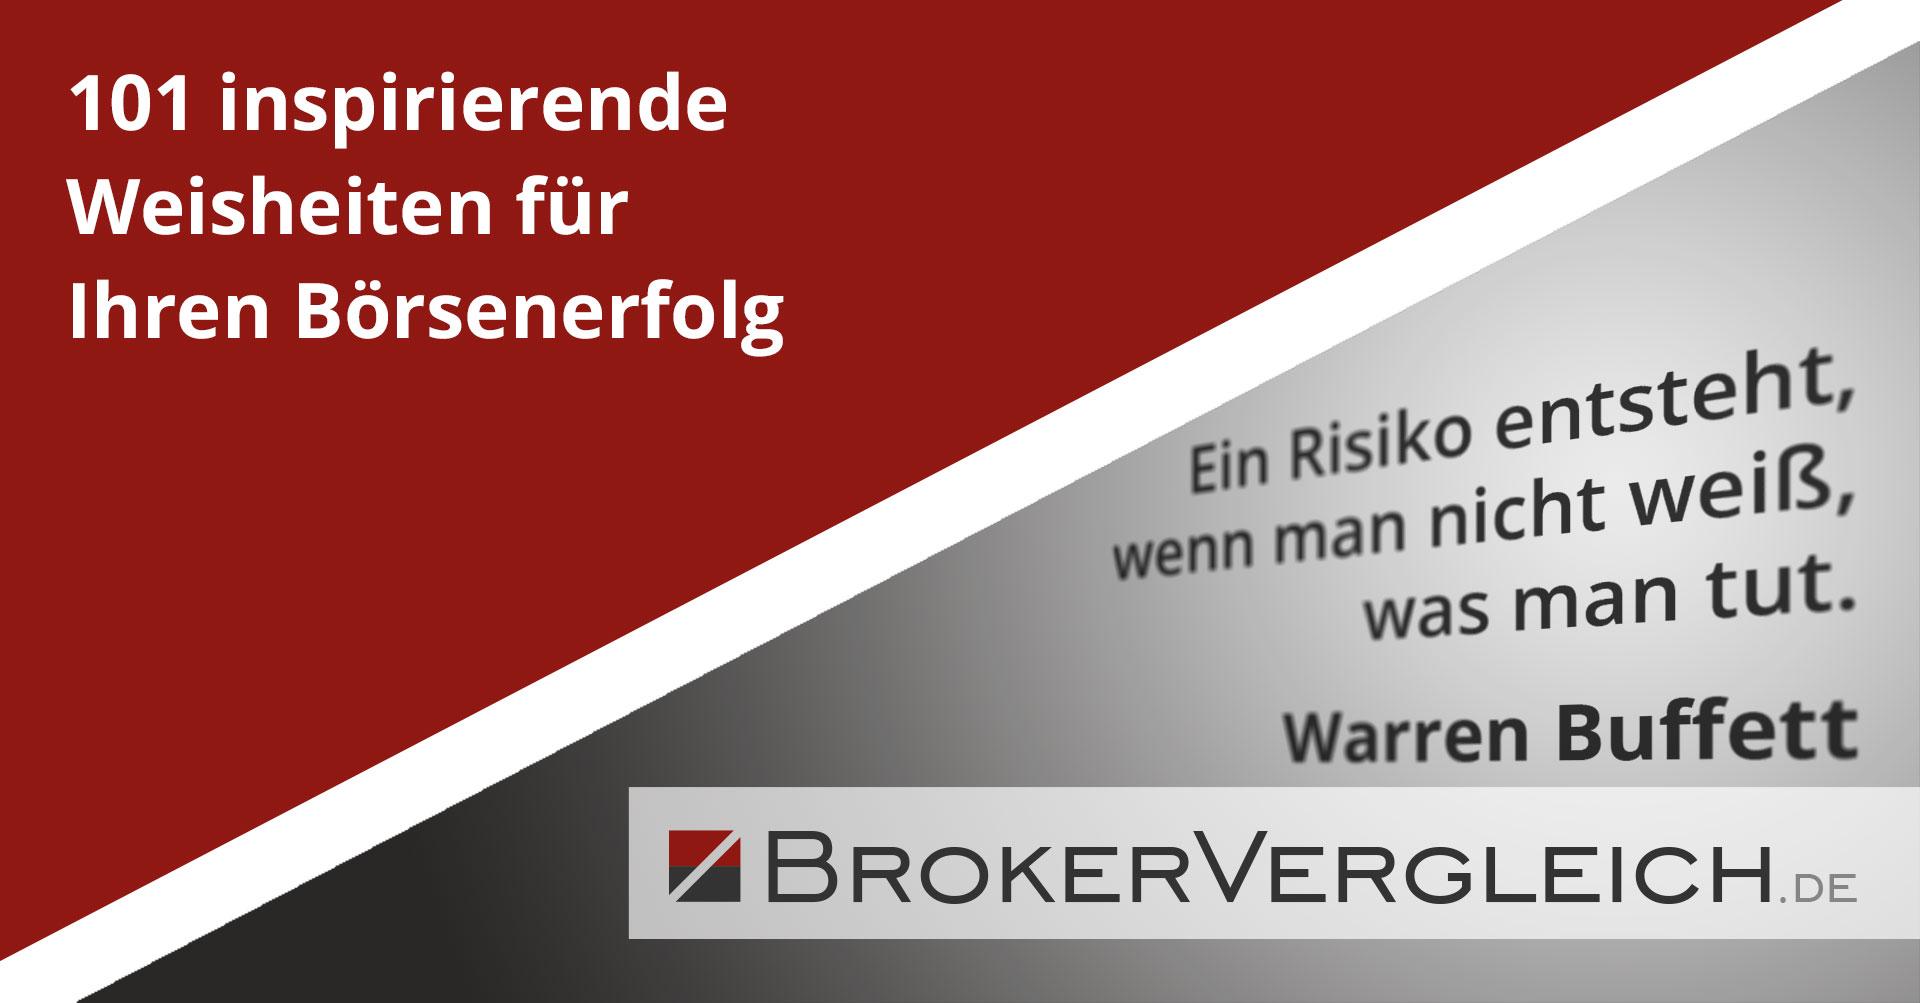 101 inspirierende Weisheiten für Ihren Börsenerfolg